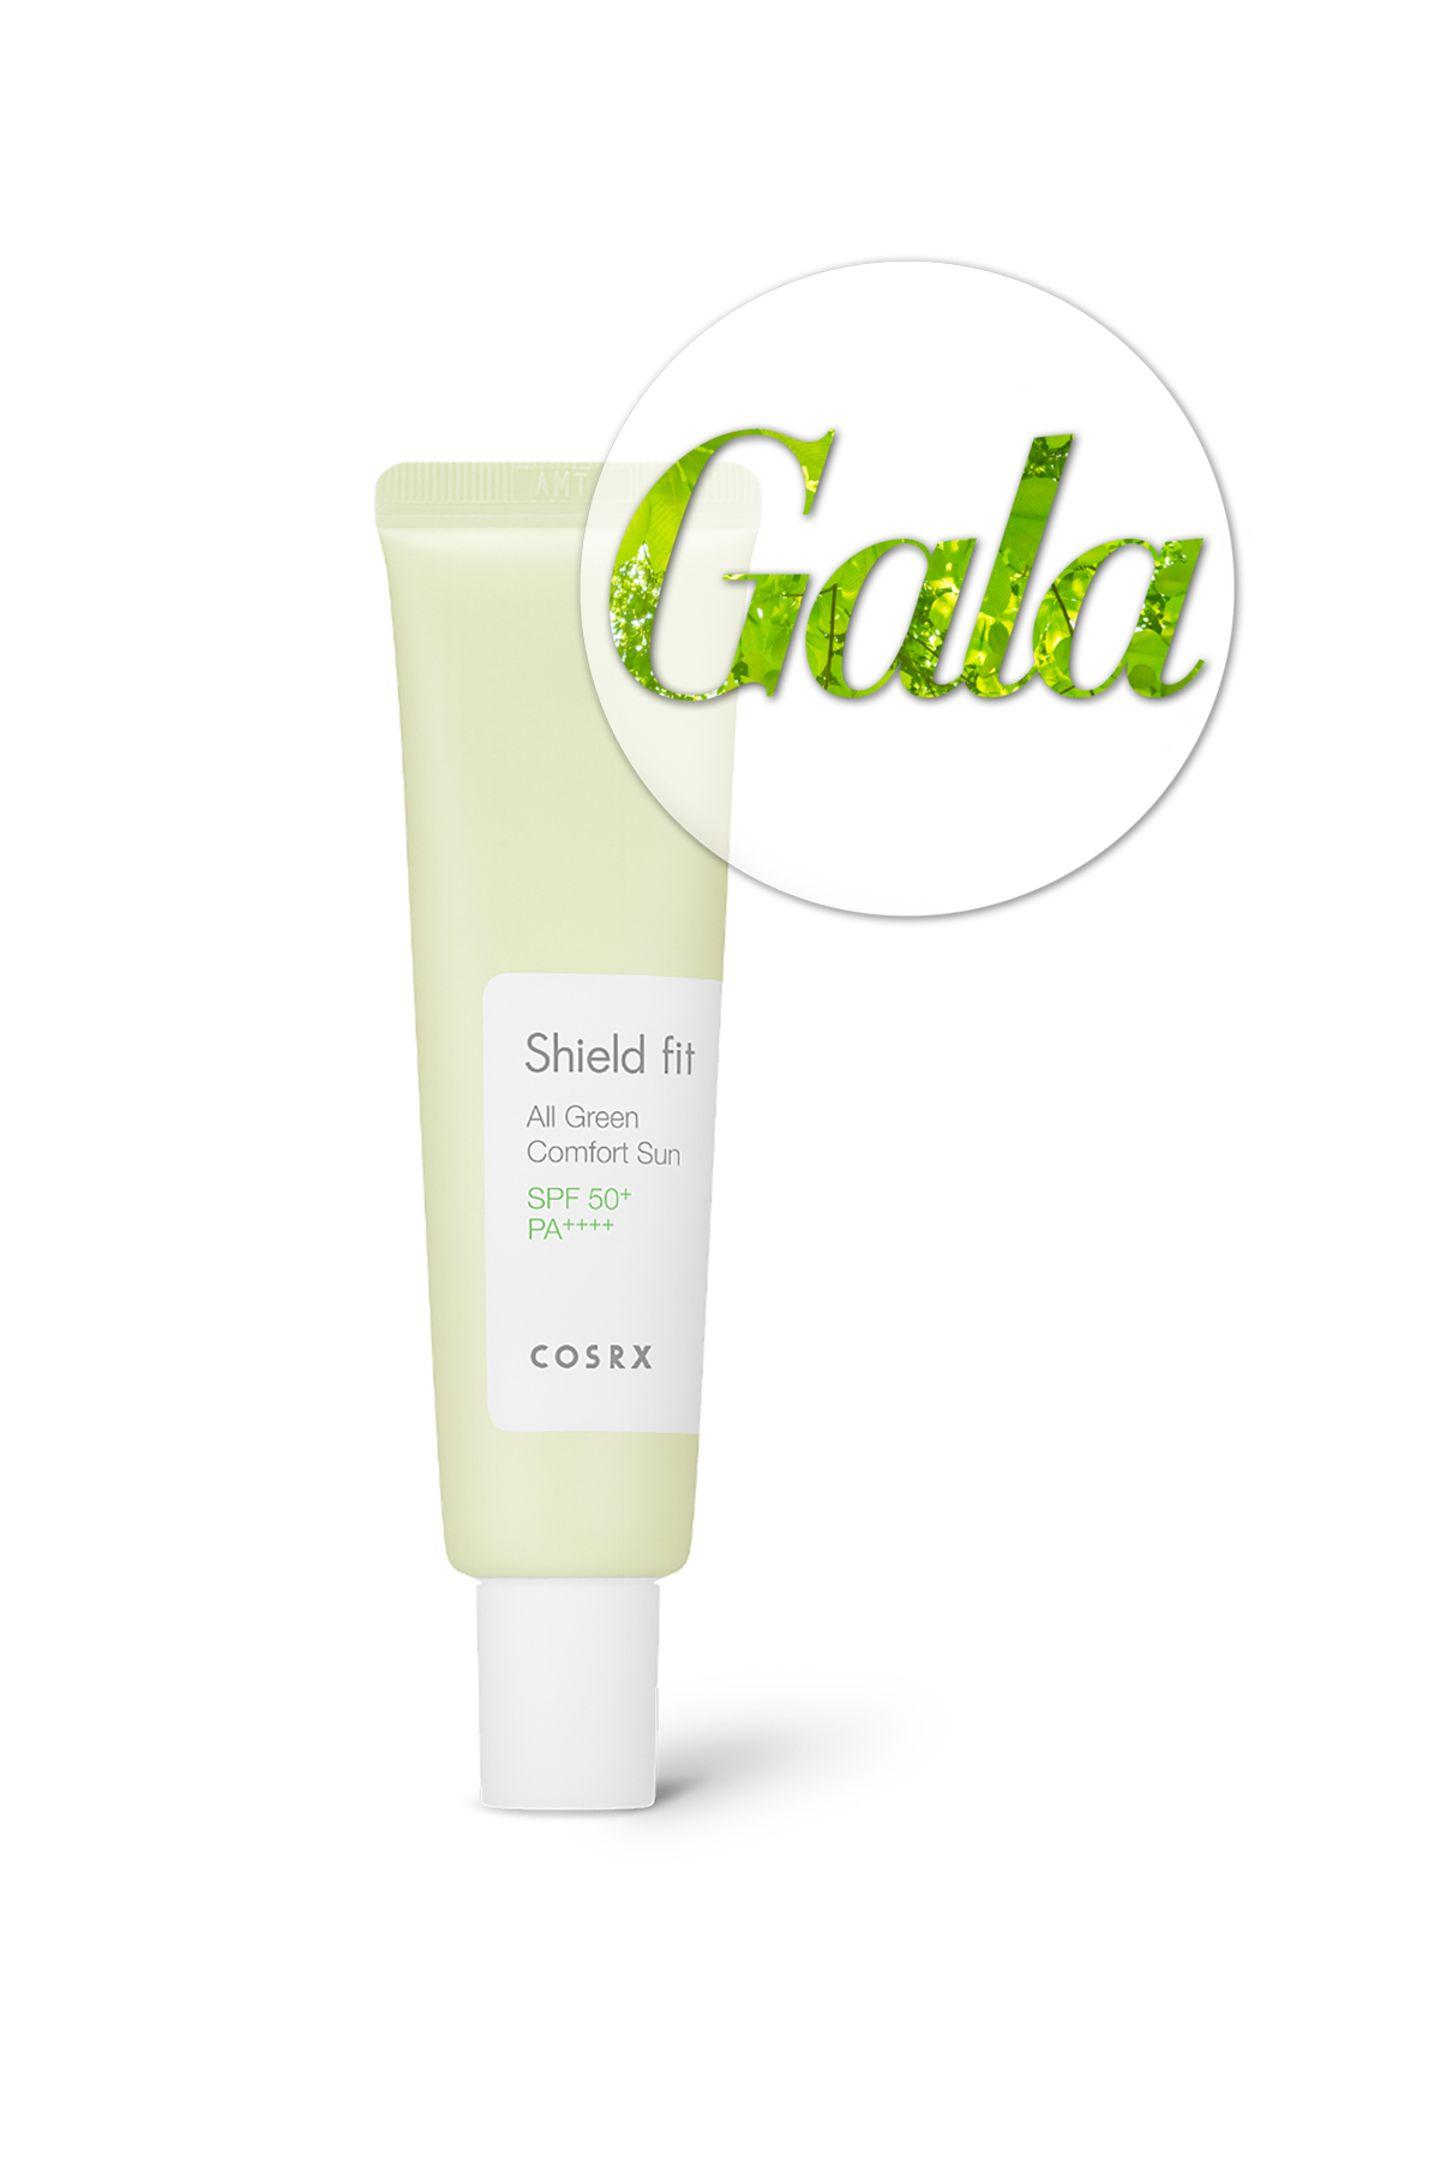 """Sie suchennach einem 100 Prozent EWG zertifizierten Sonnenschutz? Dannist """"Cosrx Shield Fit All Green Comfort Sun SPF50"""" genau das richtige für Sie. Das Produkt schützt die Haut jedoch nicht nur vor der Sonne, sondern kommt auch mit pflegenden Inhaltsstoffen für reichhaltige Vitalisierung und Feuchtigkeitszufuhr daher. Die Creme hat ein mattes Finish und weißelt nicht - die optimale Grundlage für das Tages-Make-Up. Ca. 19 Euro über LoveMyCosmetic."""